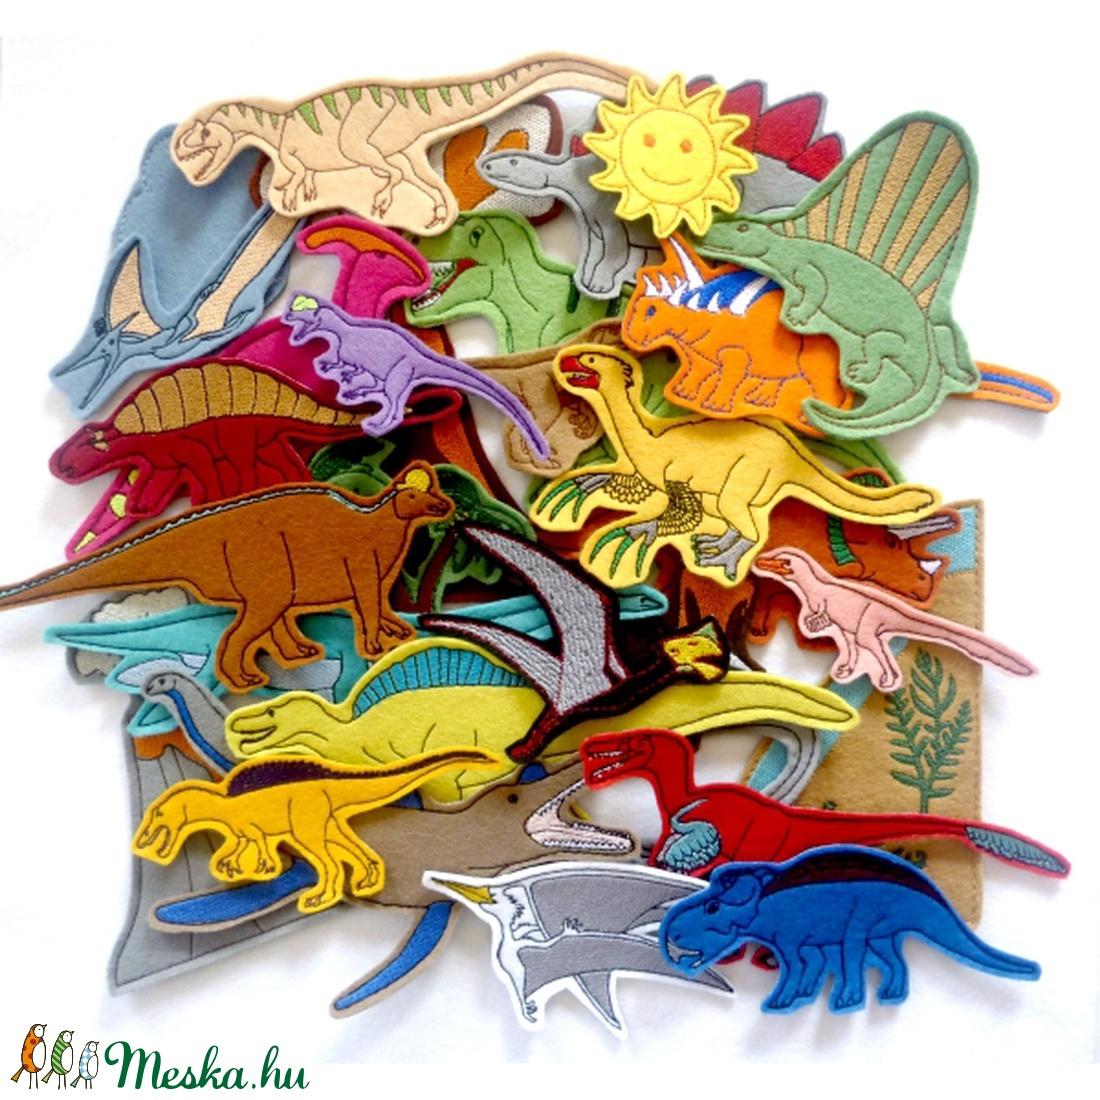 Dinoszaurusz kollekció - 30 darab figura (Vavilokids) - Meska.hu